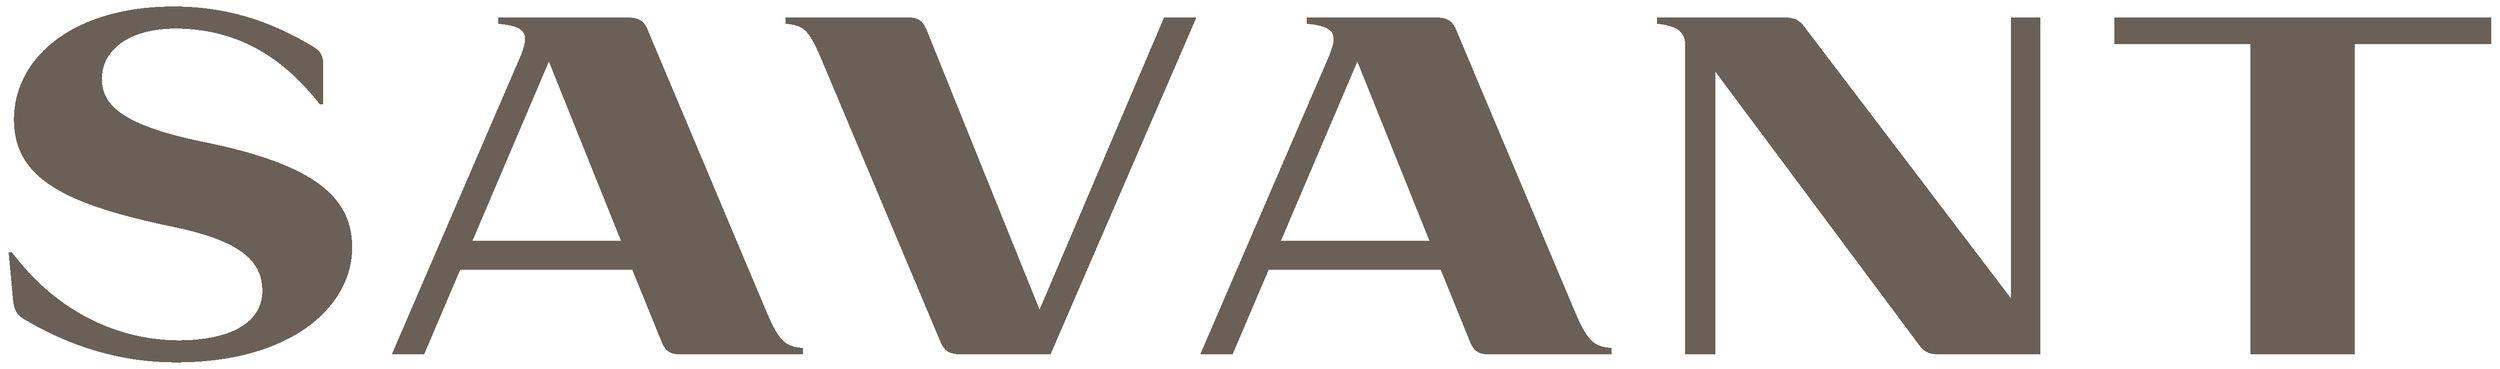 Savant_Logo.jpg